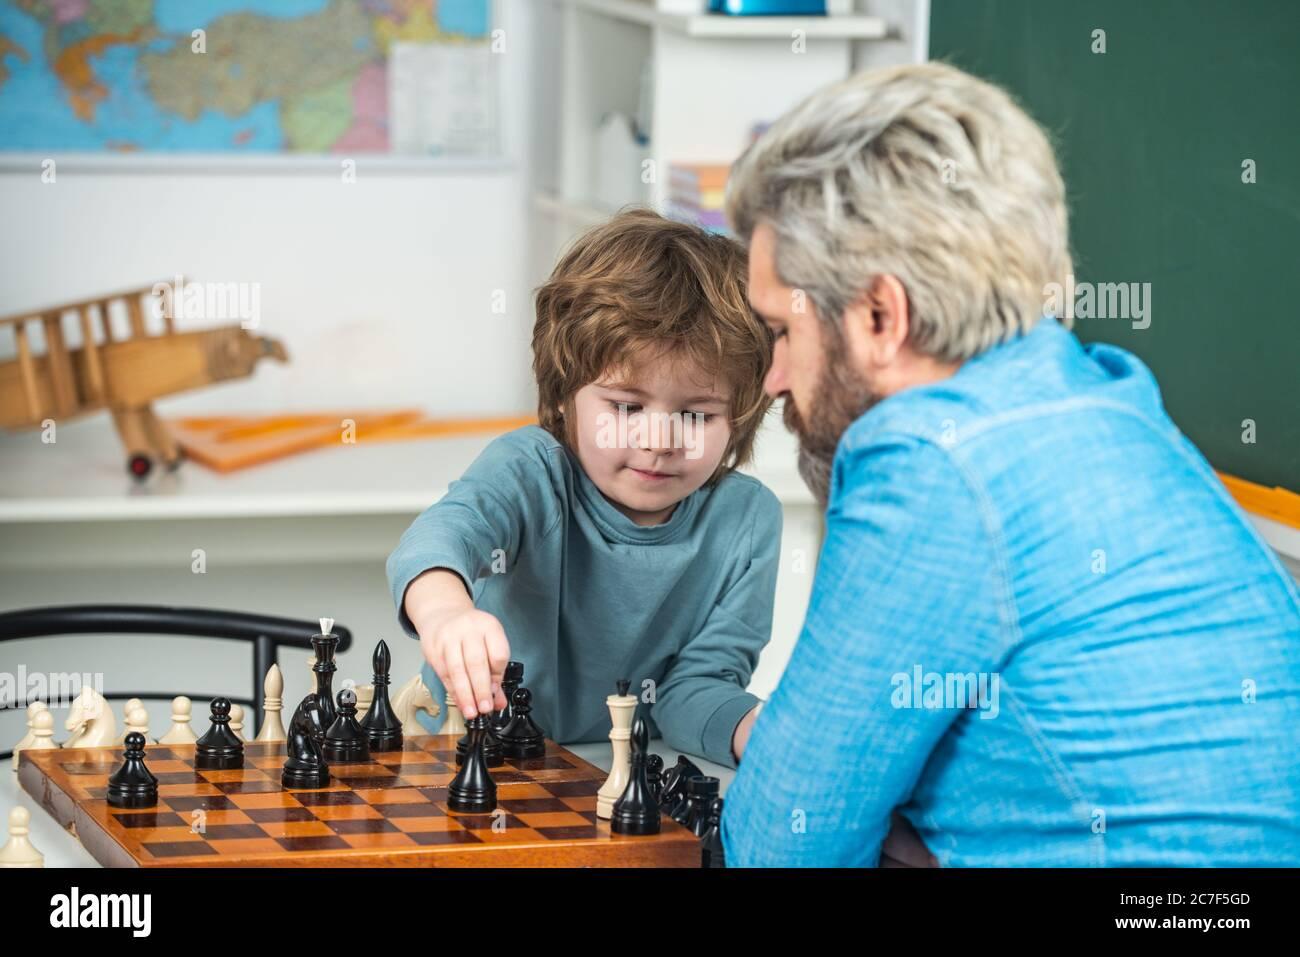 Générations hommes. Mignon petit garçon jouant aux échecs avec les parents. Joli petit garçon concentré assis à la table et jouant aux échecs avec son père Banque D'Images